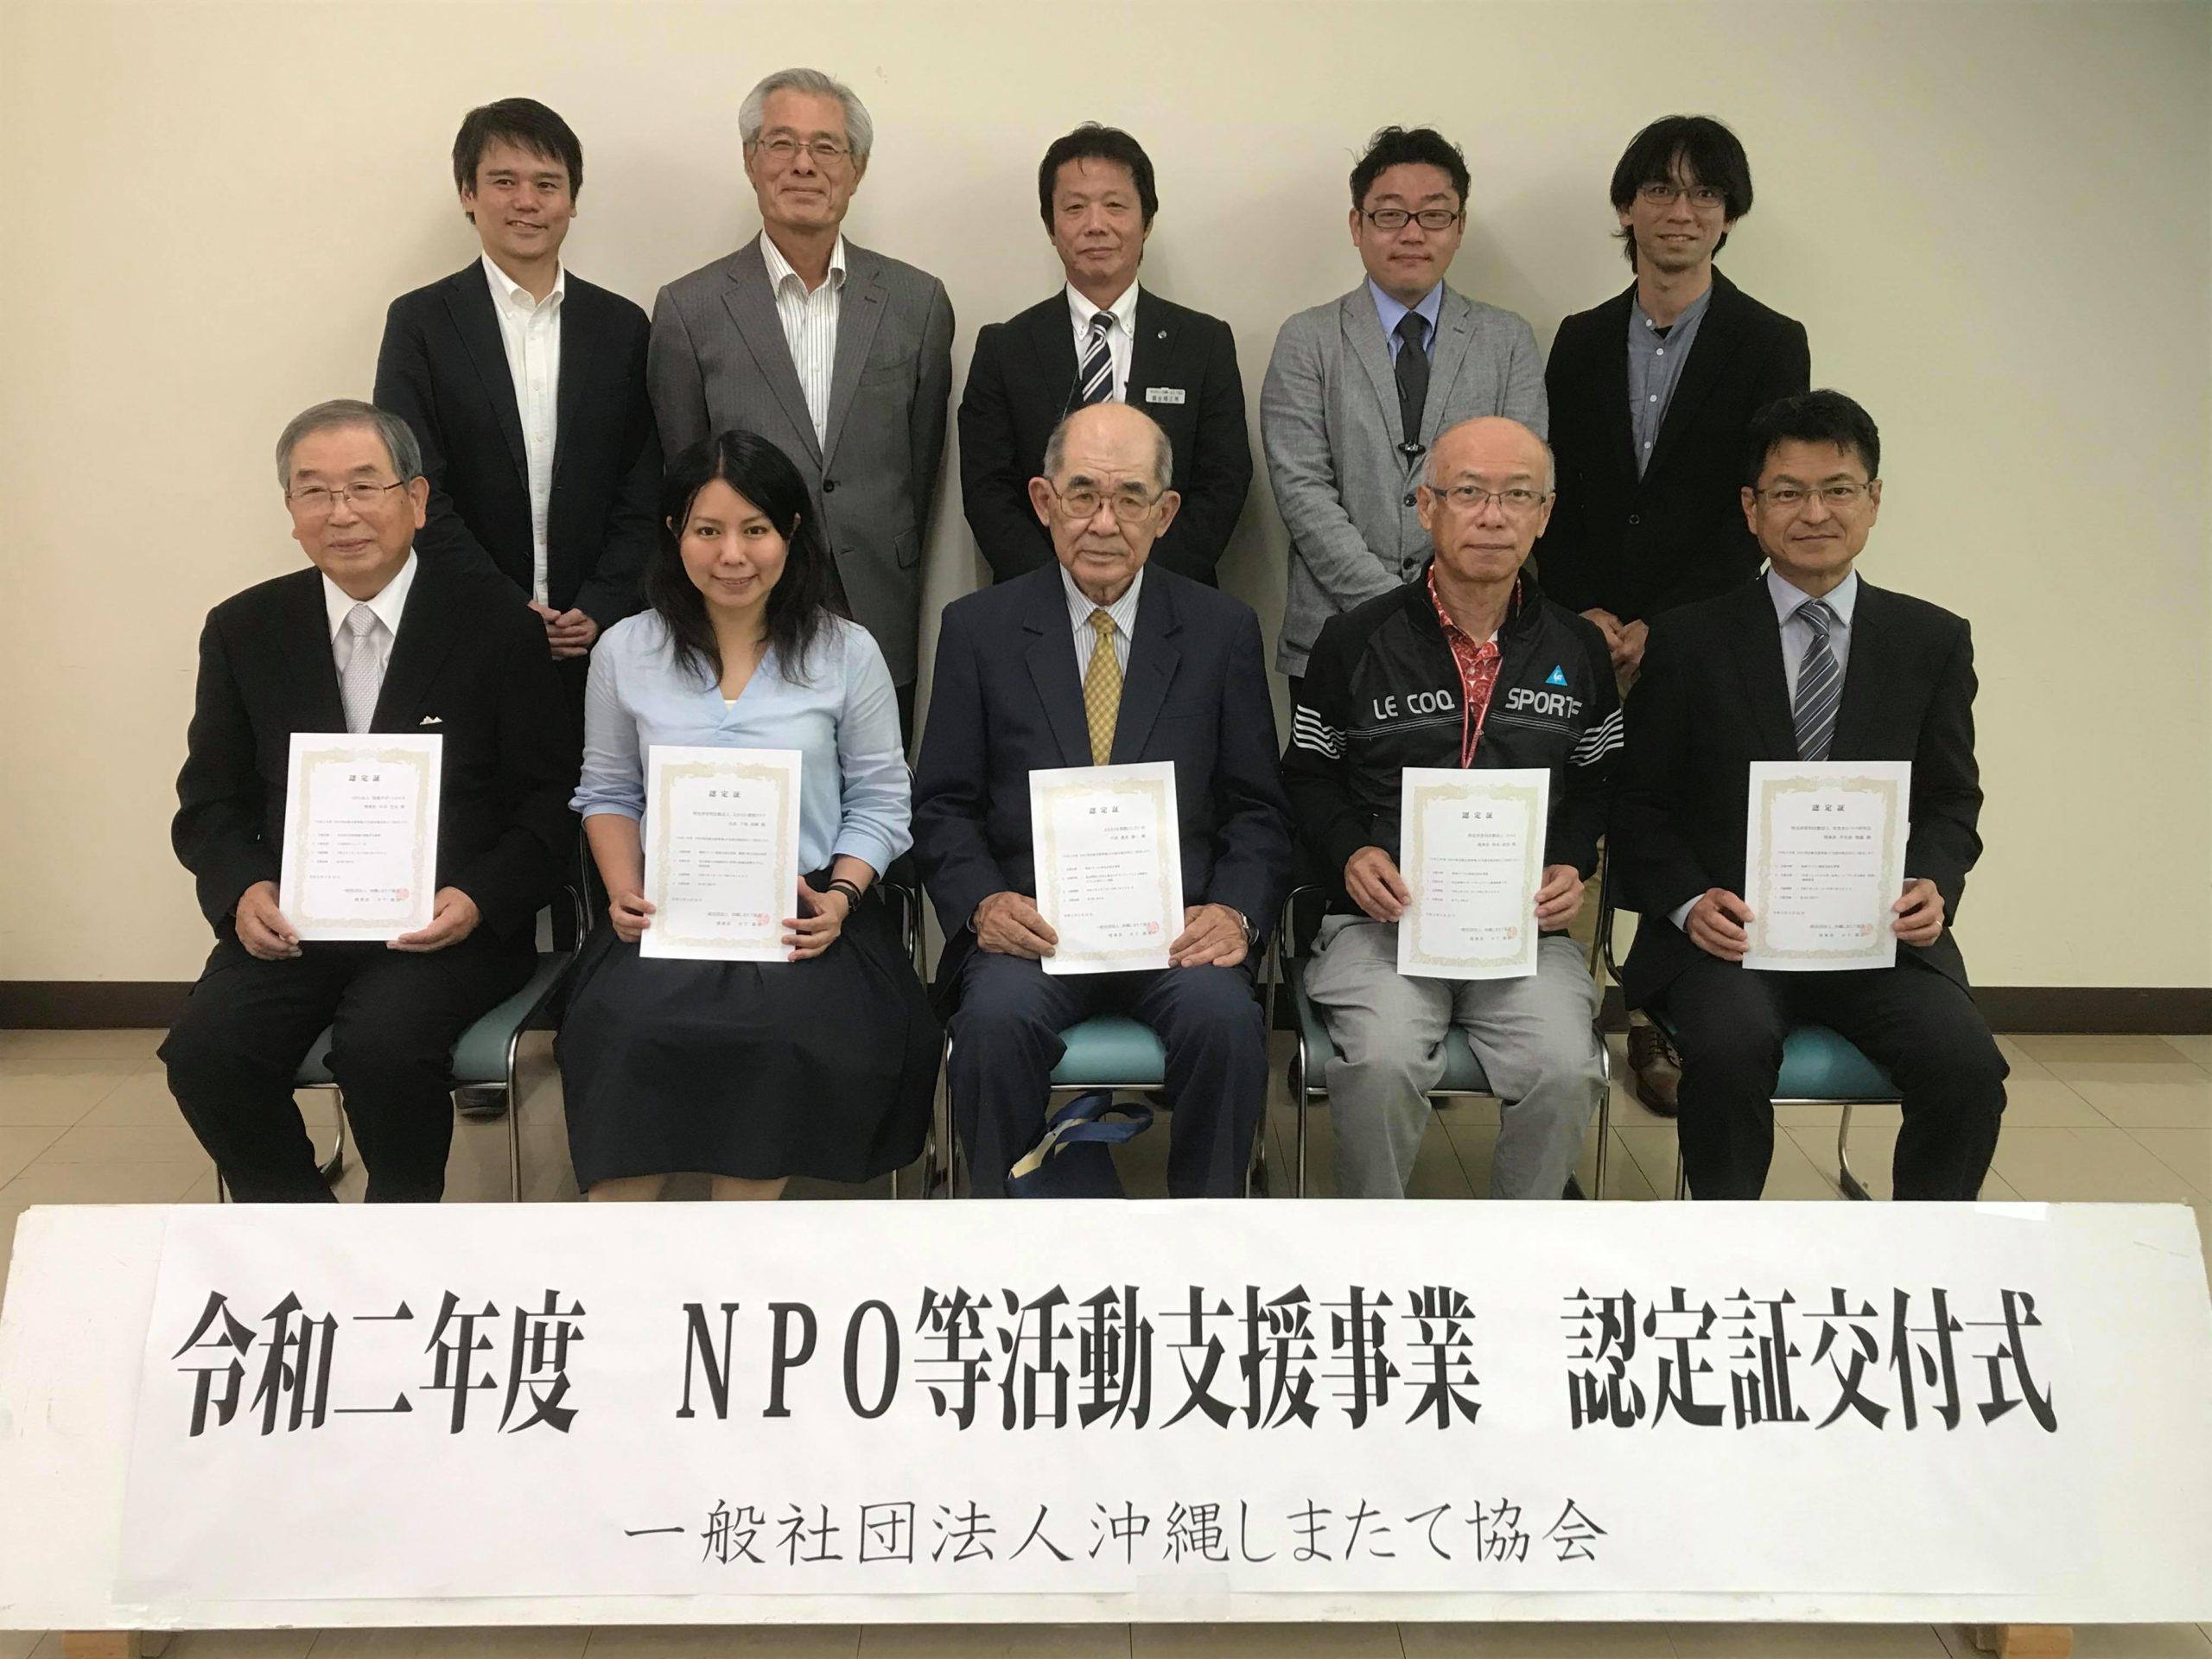 【沖縄しまたて協会様】令和2年度NPO等活動支援団体として認定